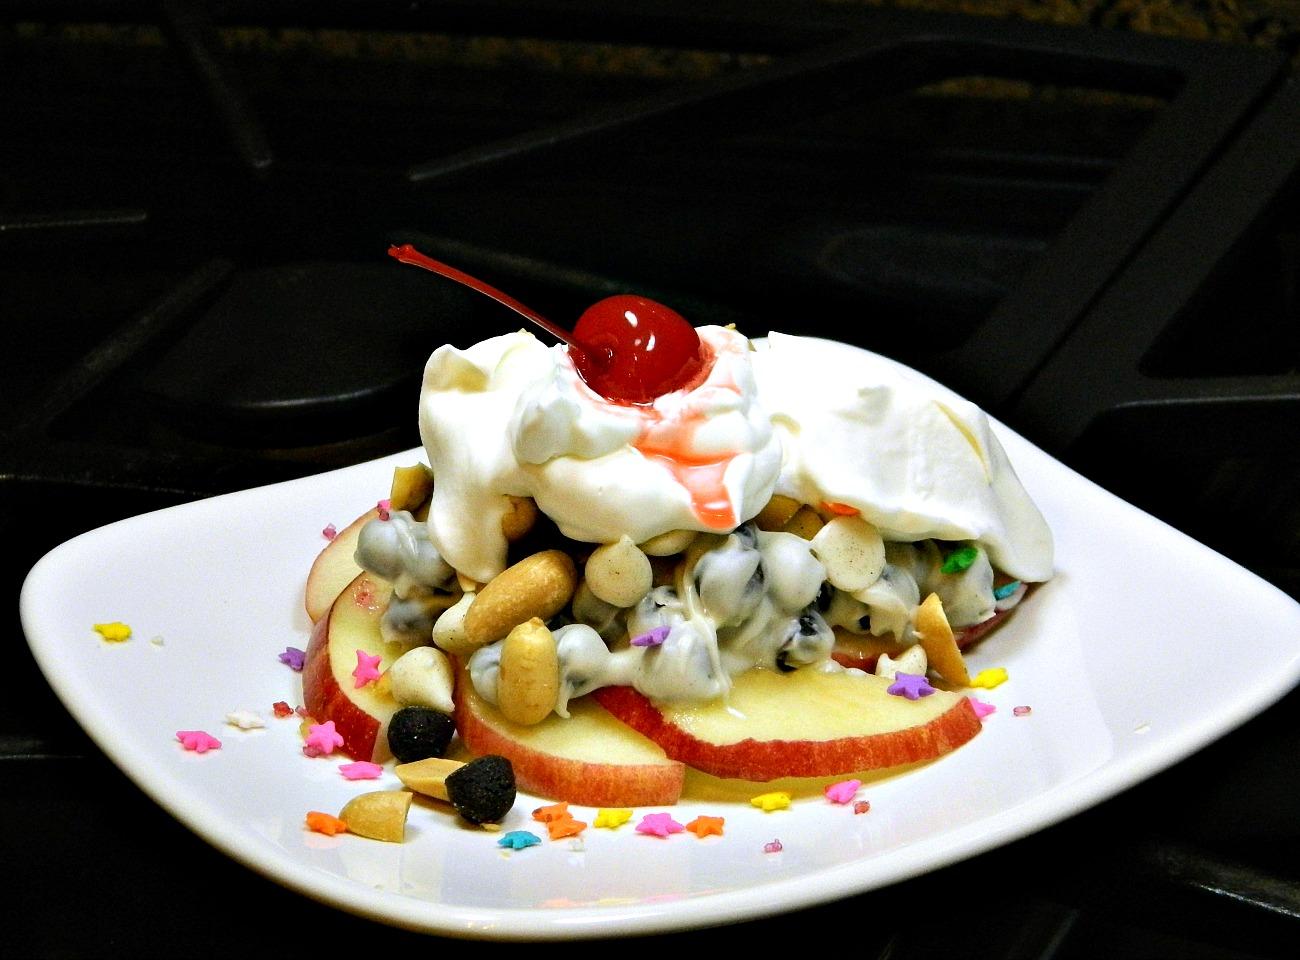 HERSHEY'S Dessert Nachos 3 Ways: Apple Variation Marianne